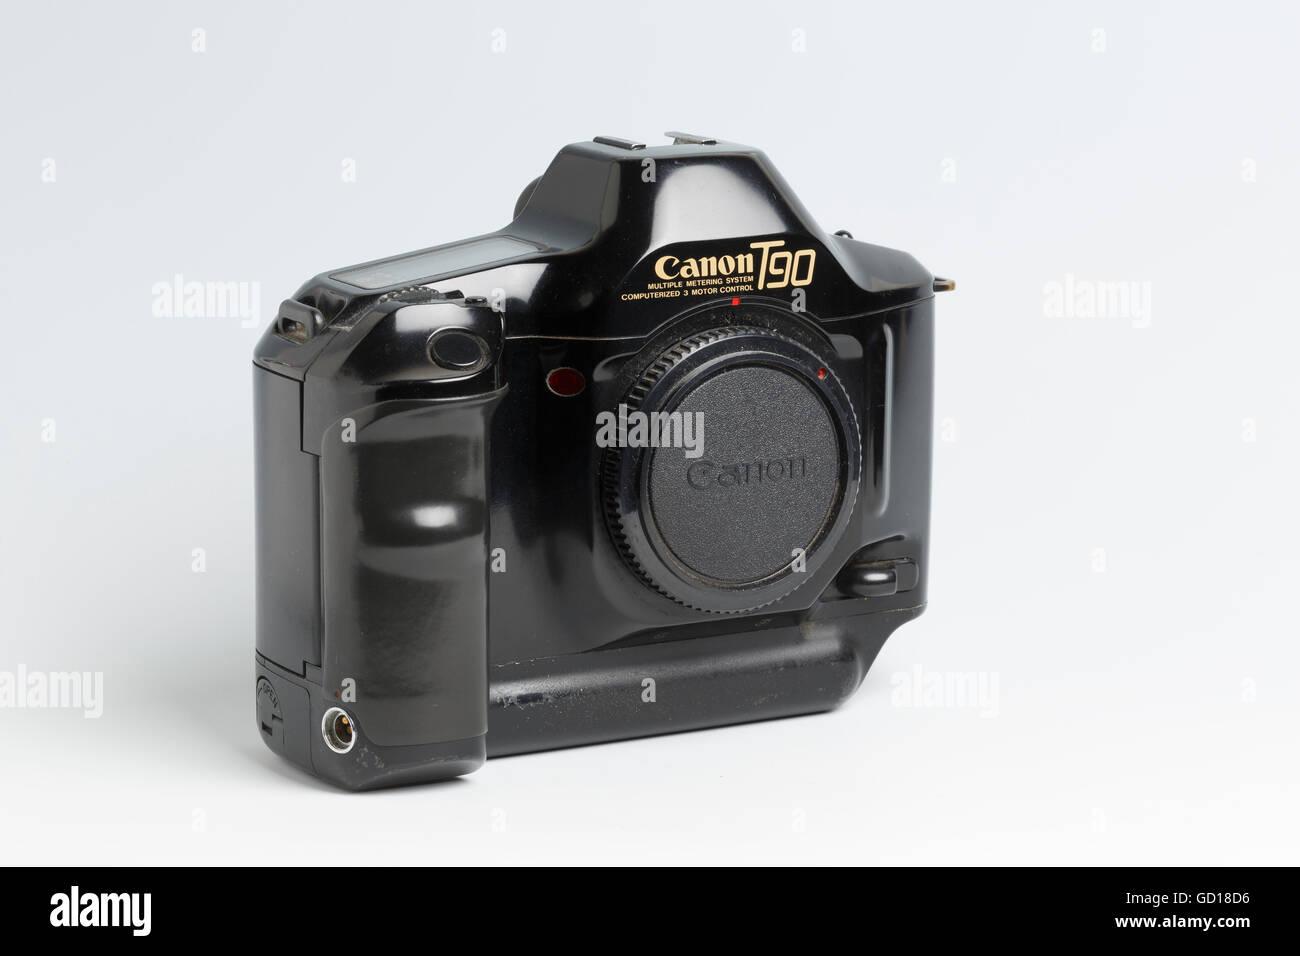 Cámara réflex digital Canon T90, con avance automático de la película y diseño ergonómico, Imagen De Stock